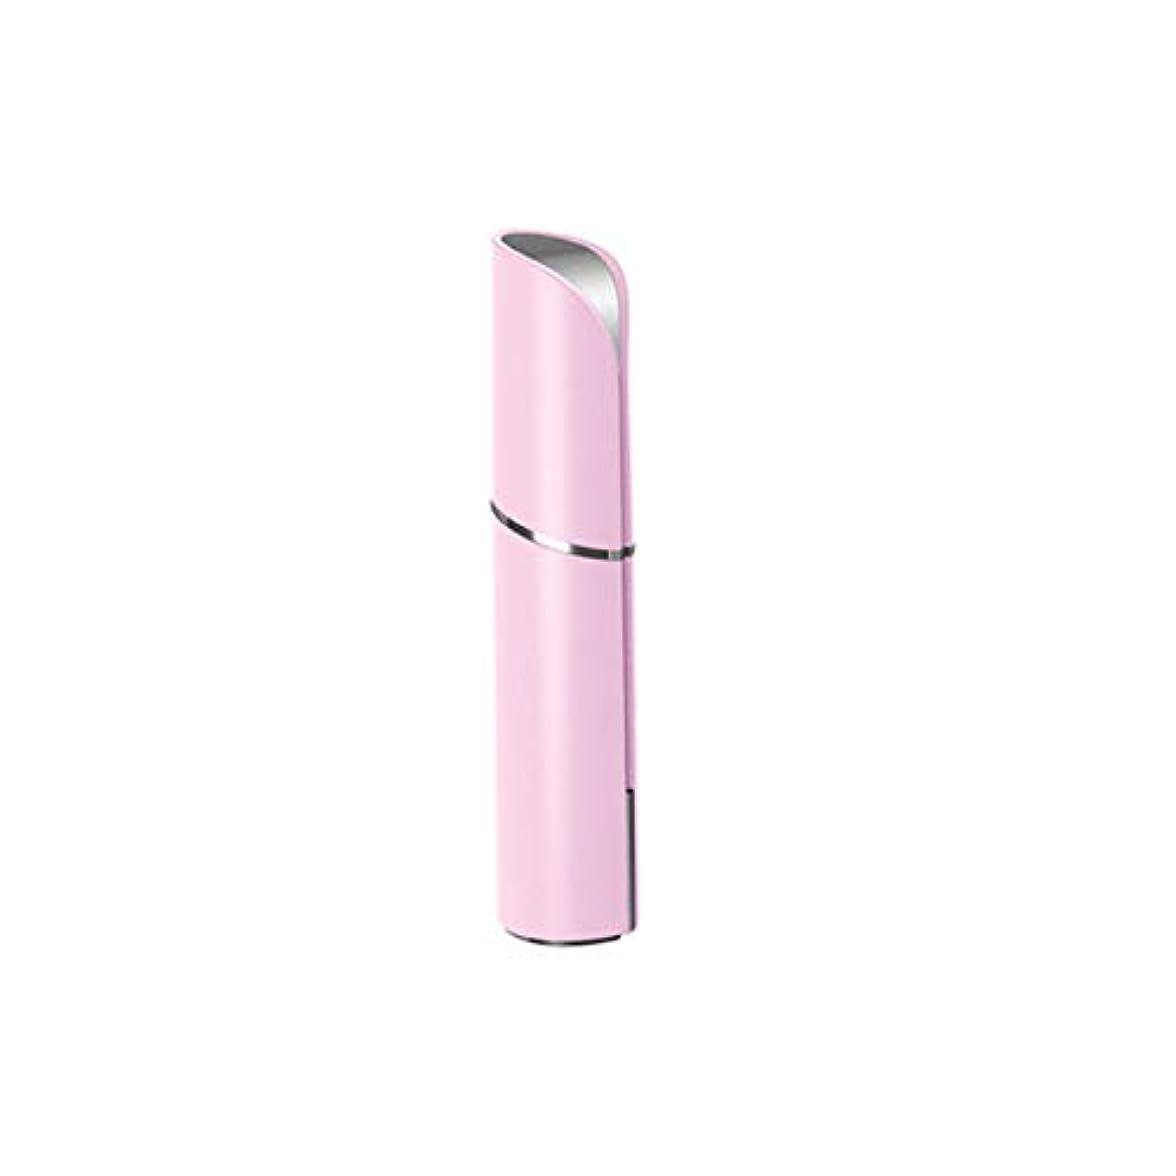 シャンプー帽子大人マッサージャー - 黒丸アンチリンクルアイバッグ美容機器アーティファクト女性に行く (色 : Pink)